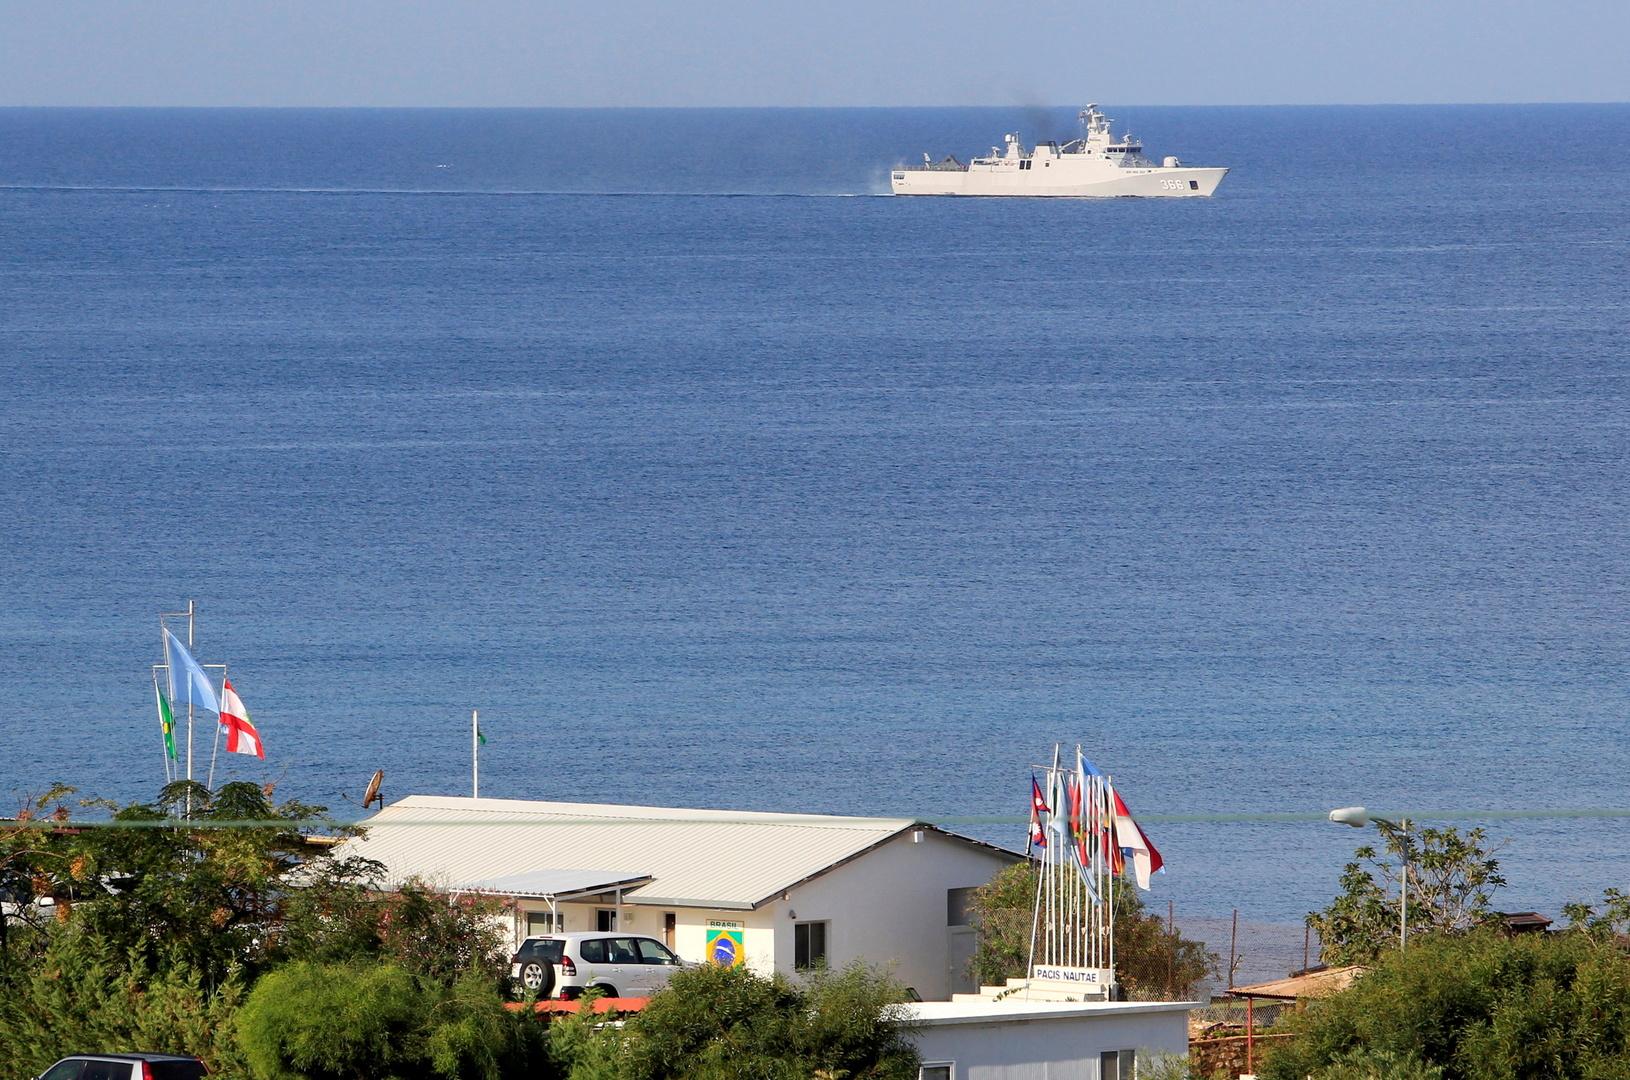 الحدود البحرية بين لبنان وإسرائيل